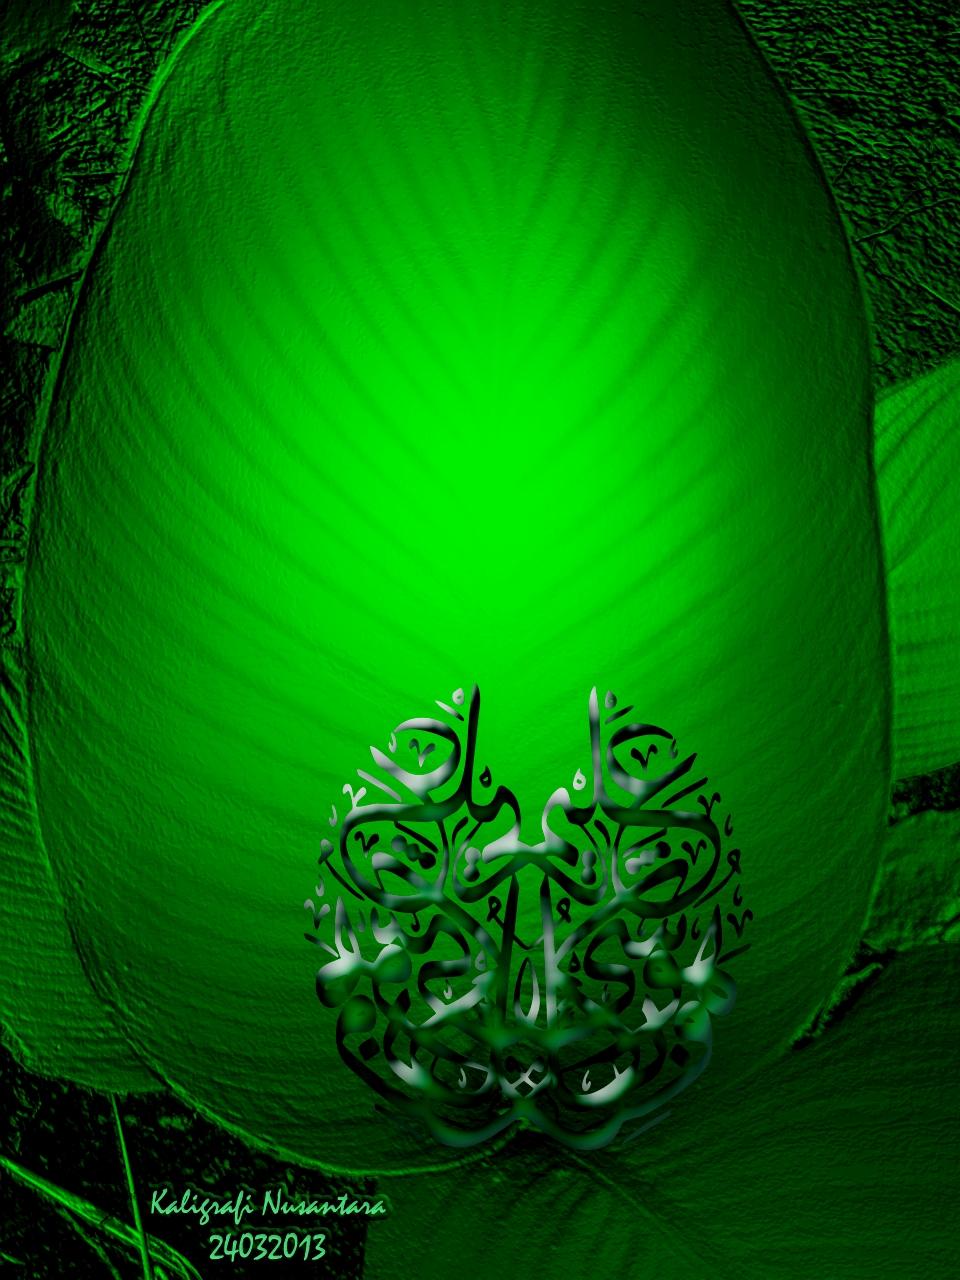 Background Hijau Islami : background, hijau, islami, Calligraphy, Kaligrafi, Background, Hijau, 960x1280, Download, Wallpaper, WallpaperTip